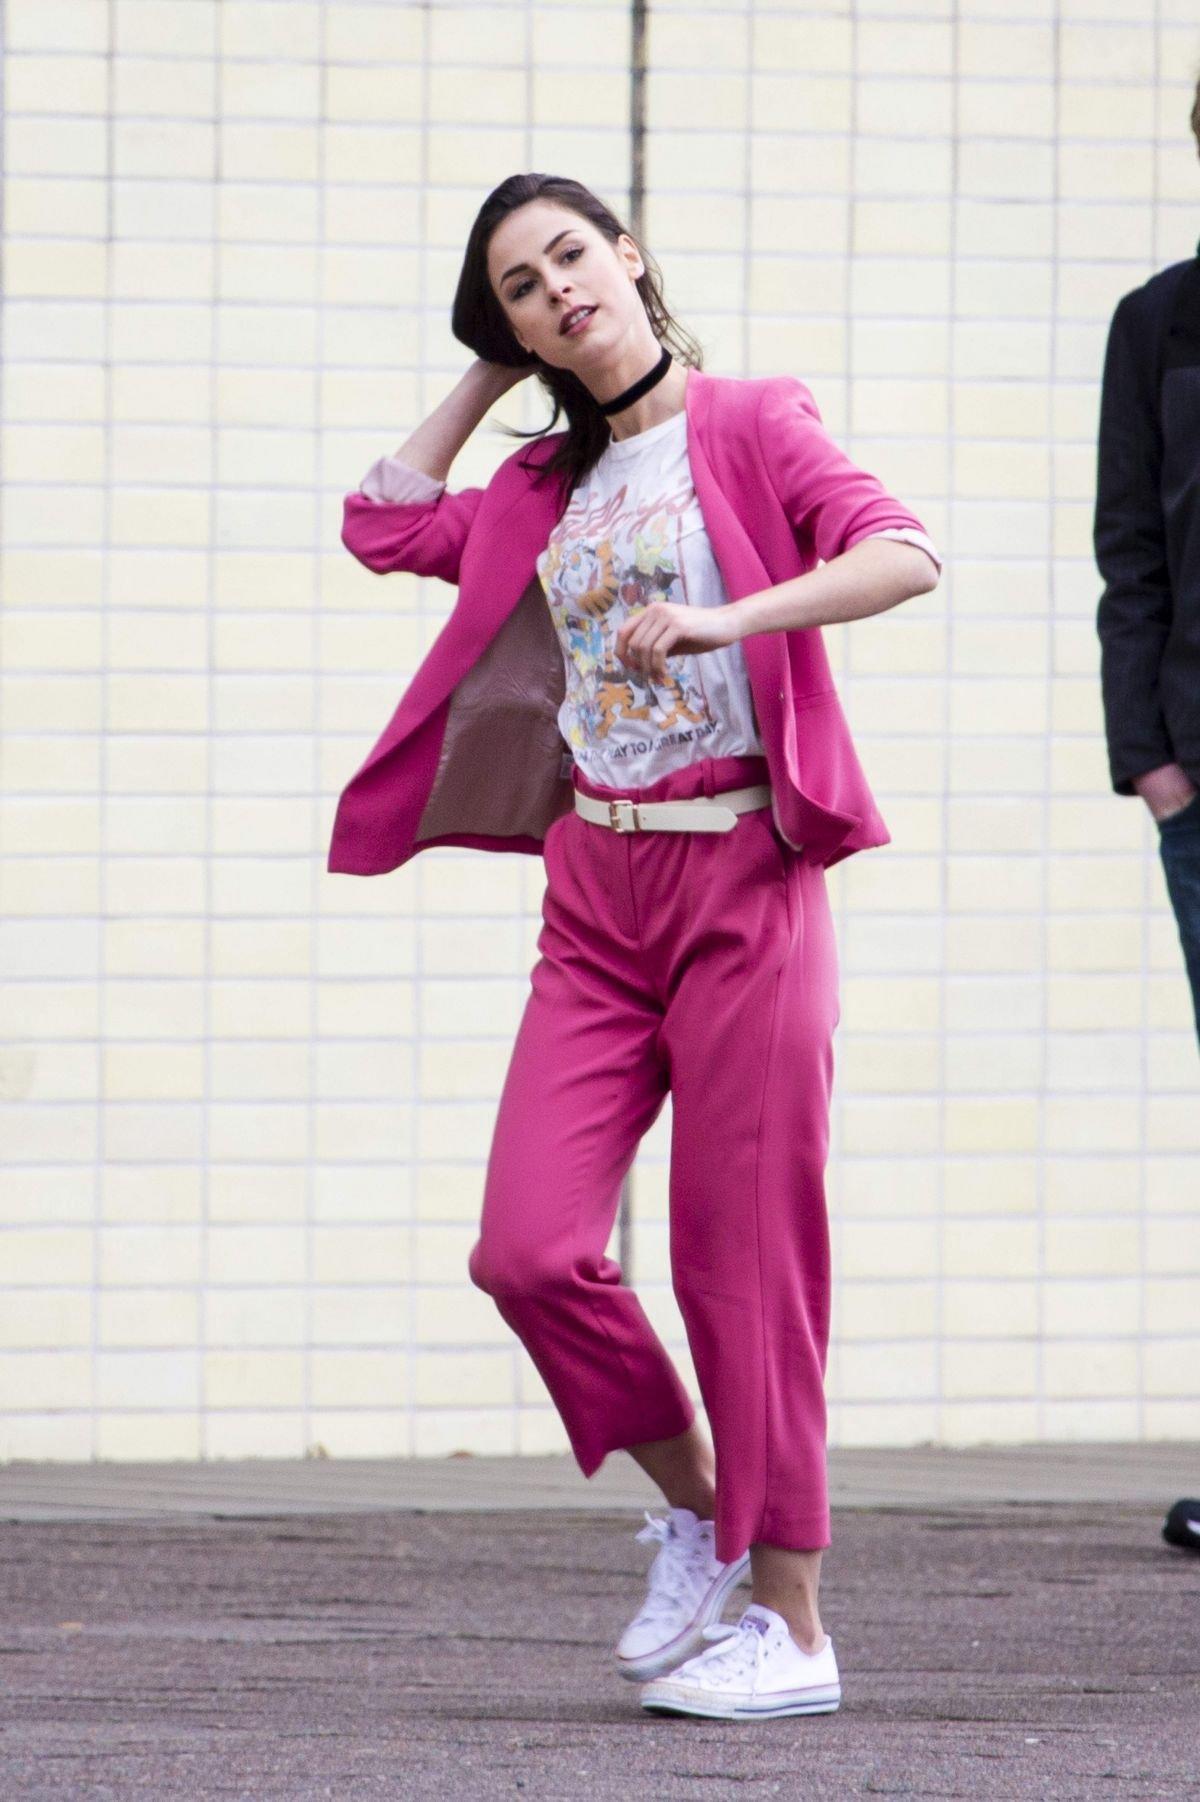 Лена Майер-Ландрут в стильном, розовом костюме